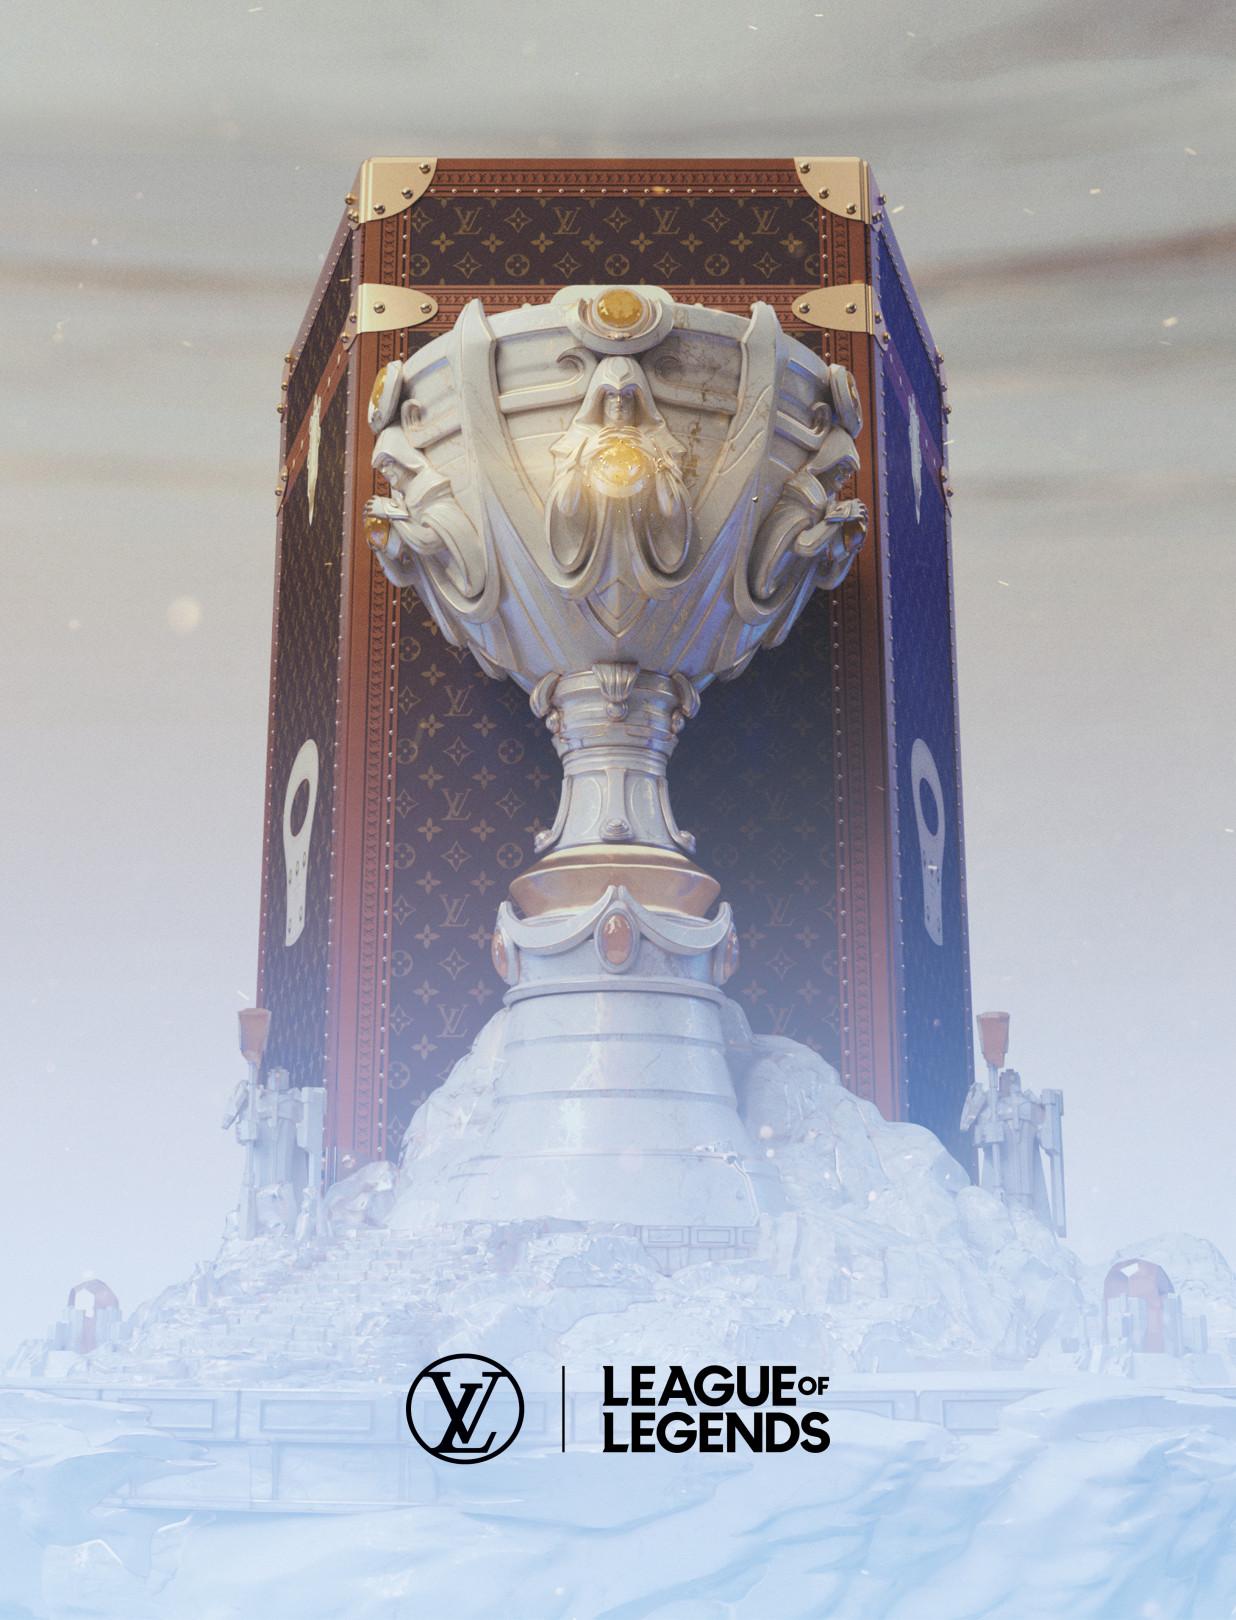 ルイ・ヴィトン、「リーグ・オブ・レジェンド」世界大会の優勝トロフィーを収めるトロフィー・ケースを製作